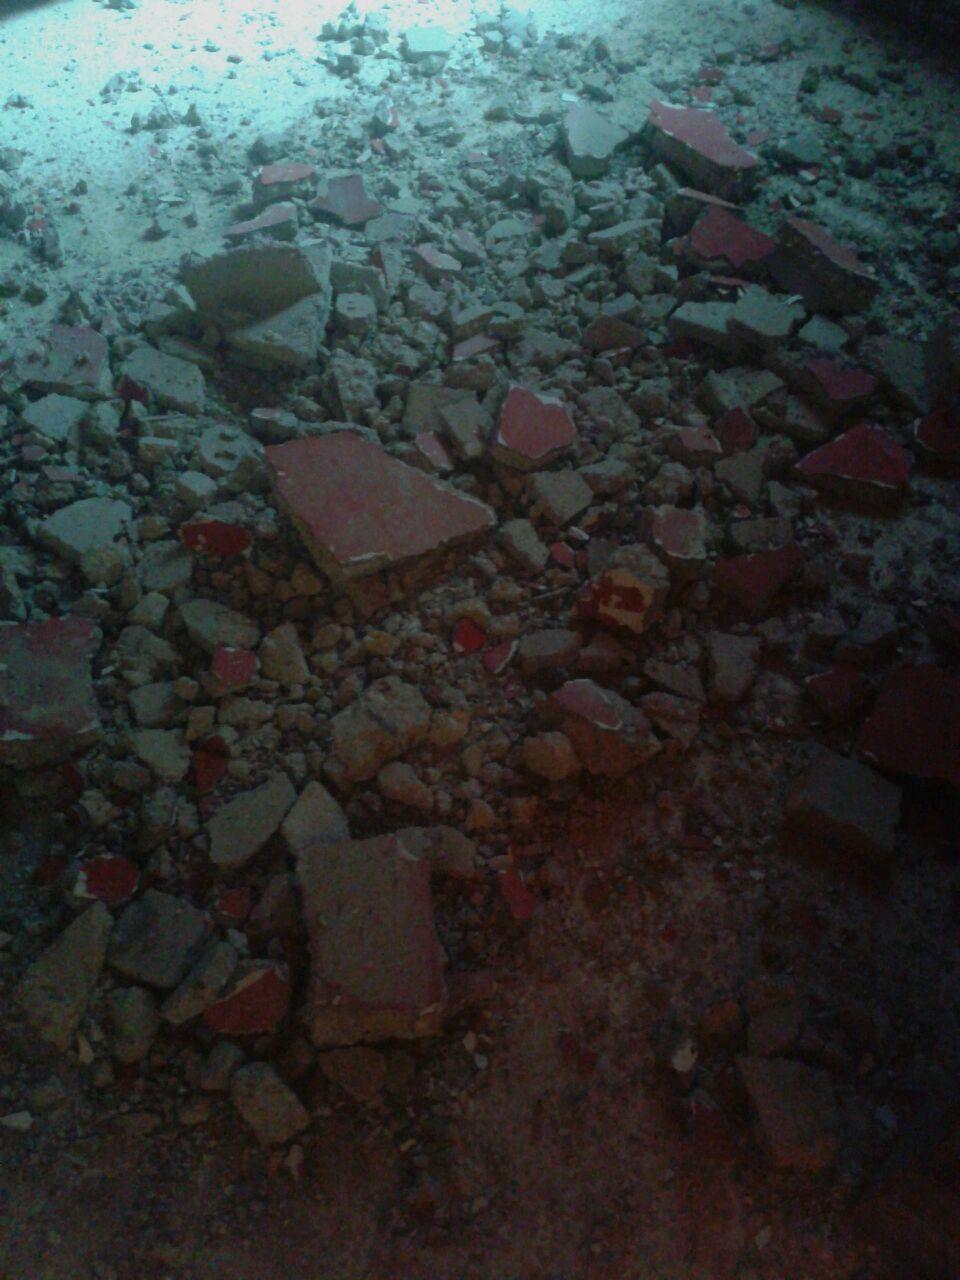 بالصور : نجاة عائلة في مخيم عين الحلوة بعد انهيار جزء من سقف منزلها